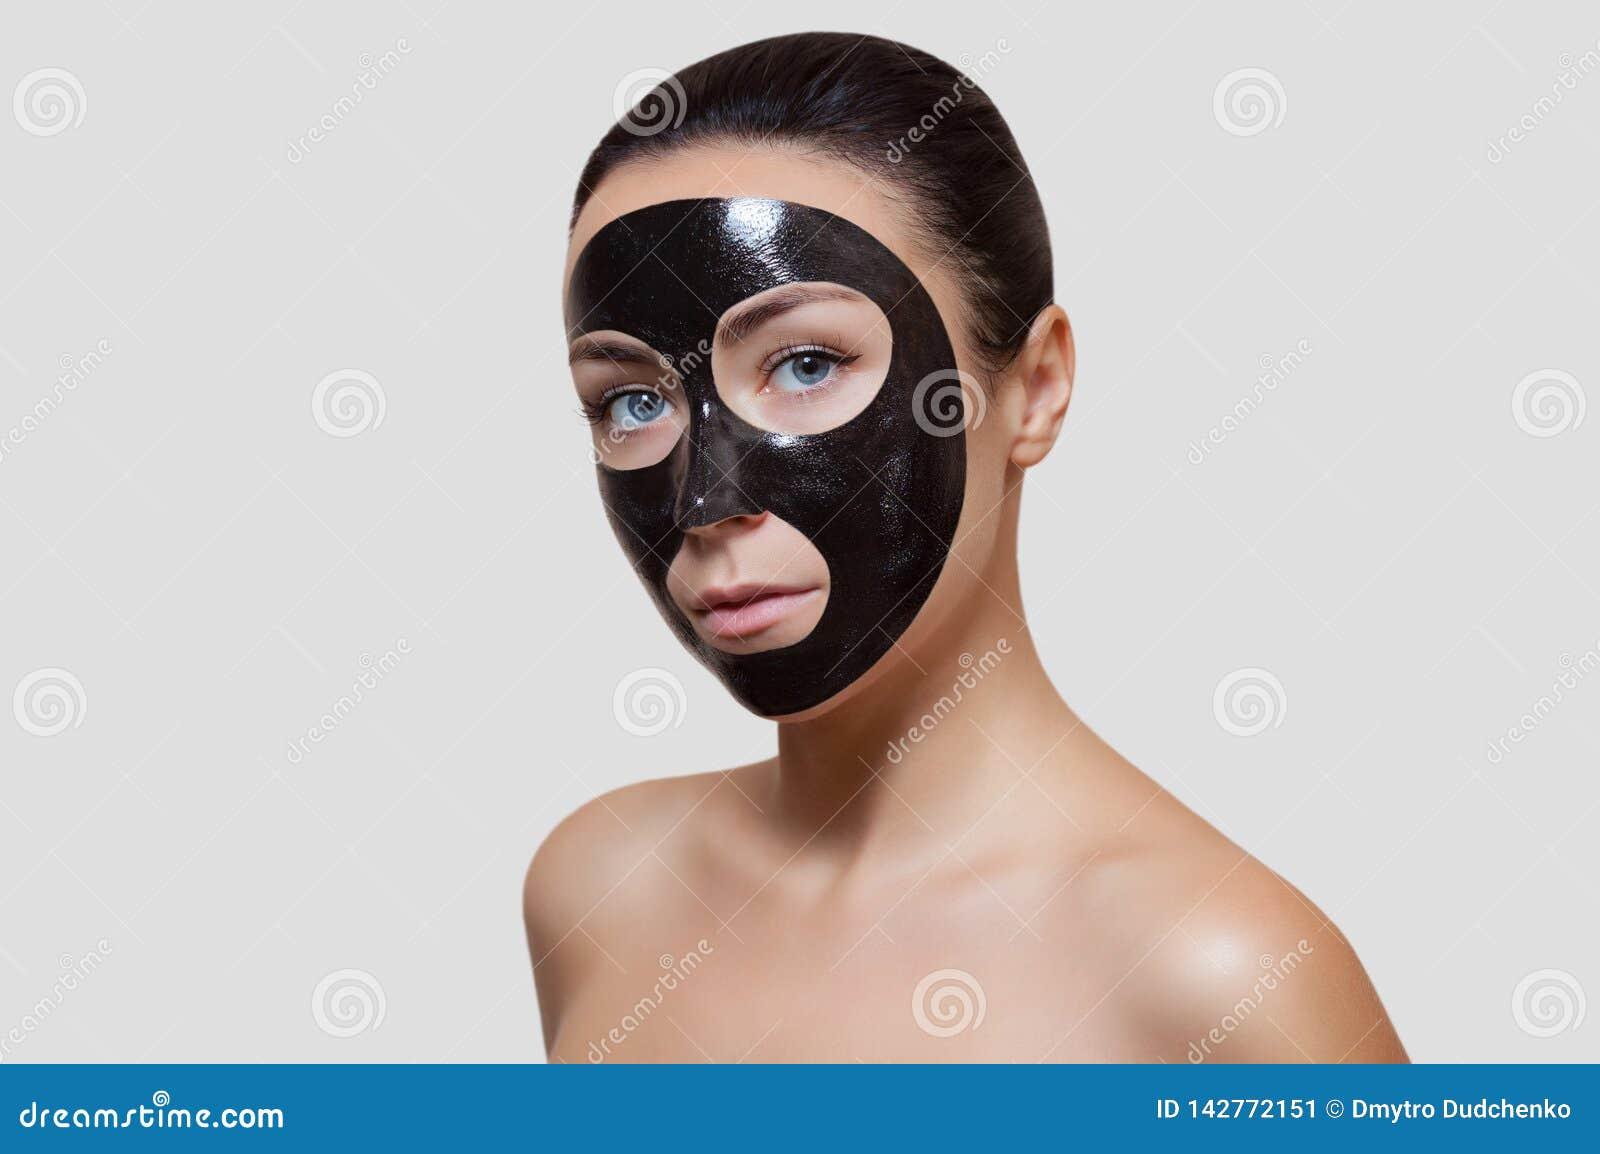 El procedimiento para aplicar una máscara negra a la cara de una mujer hermosa